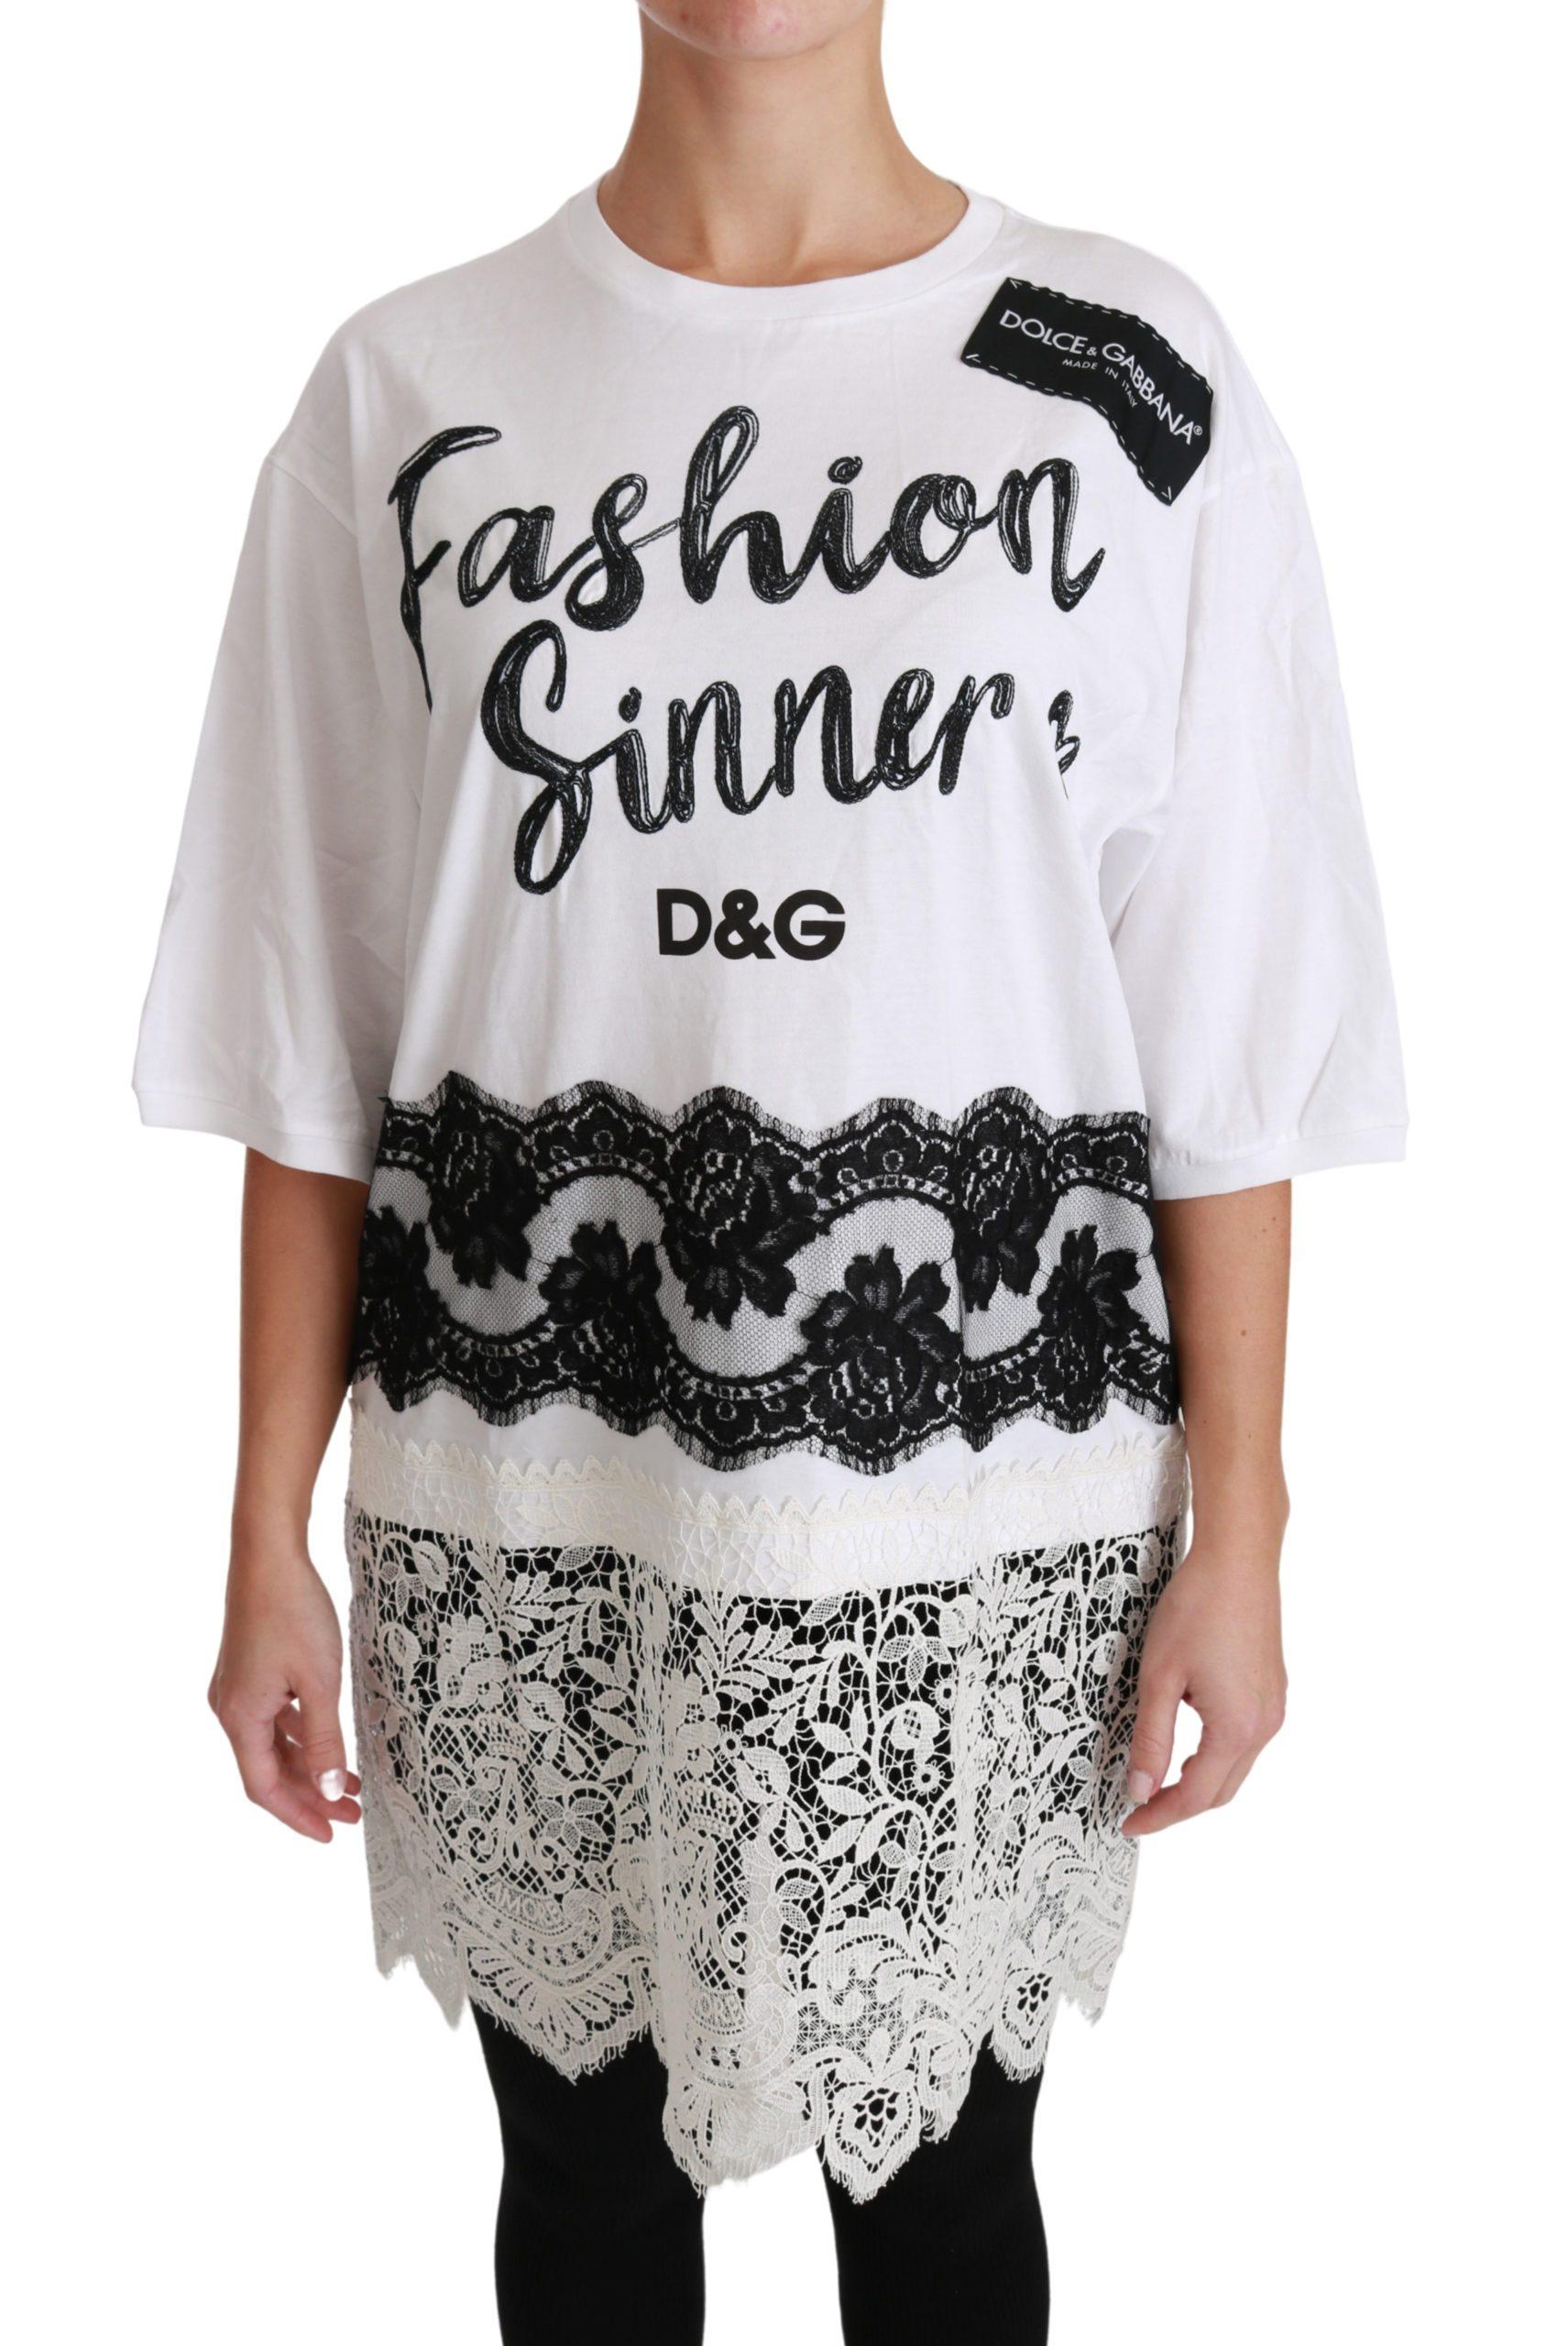 Dolce & Gabbana Women's Lace Fashion Sinners Top White TSH4430 - IT36 | XS